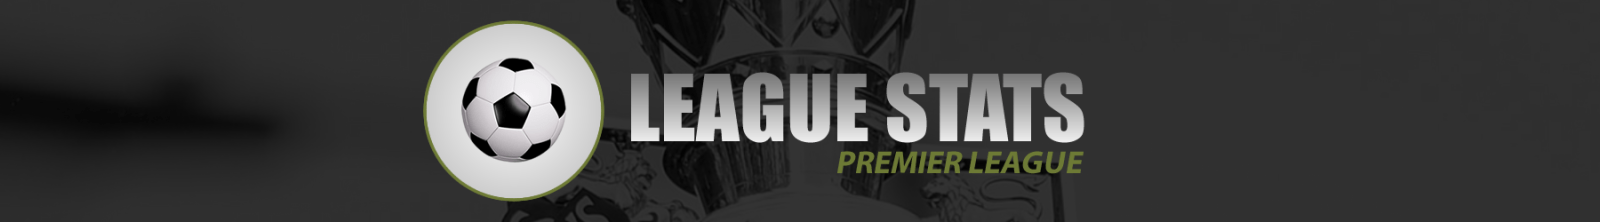 Premier League Stats